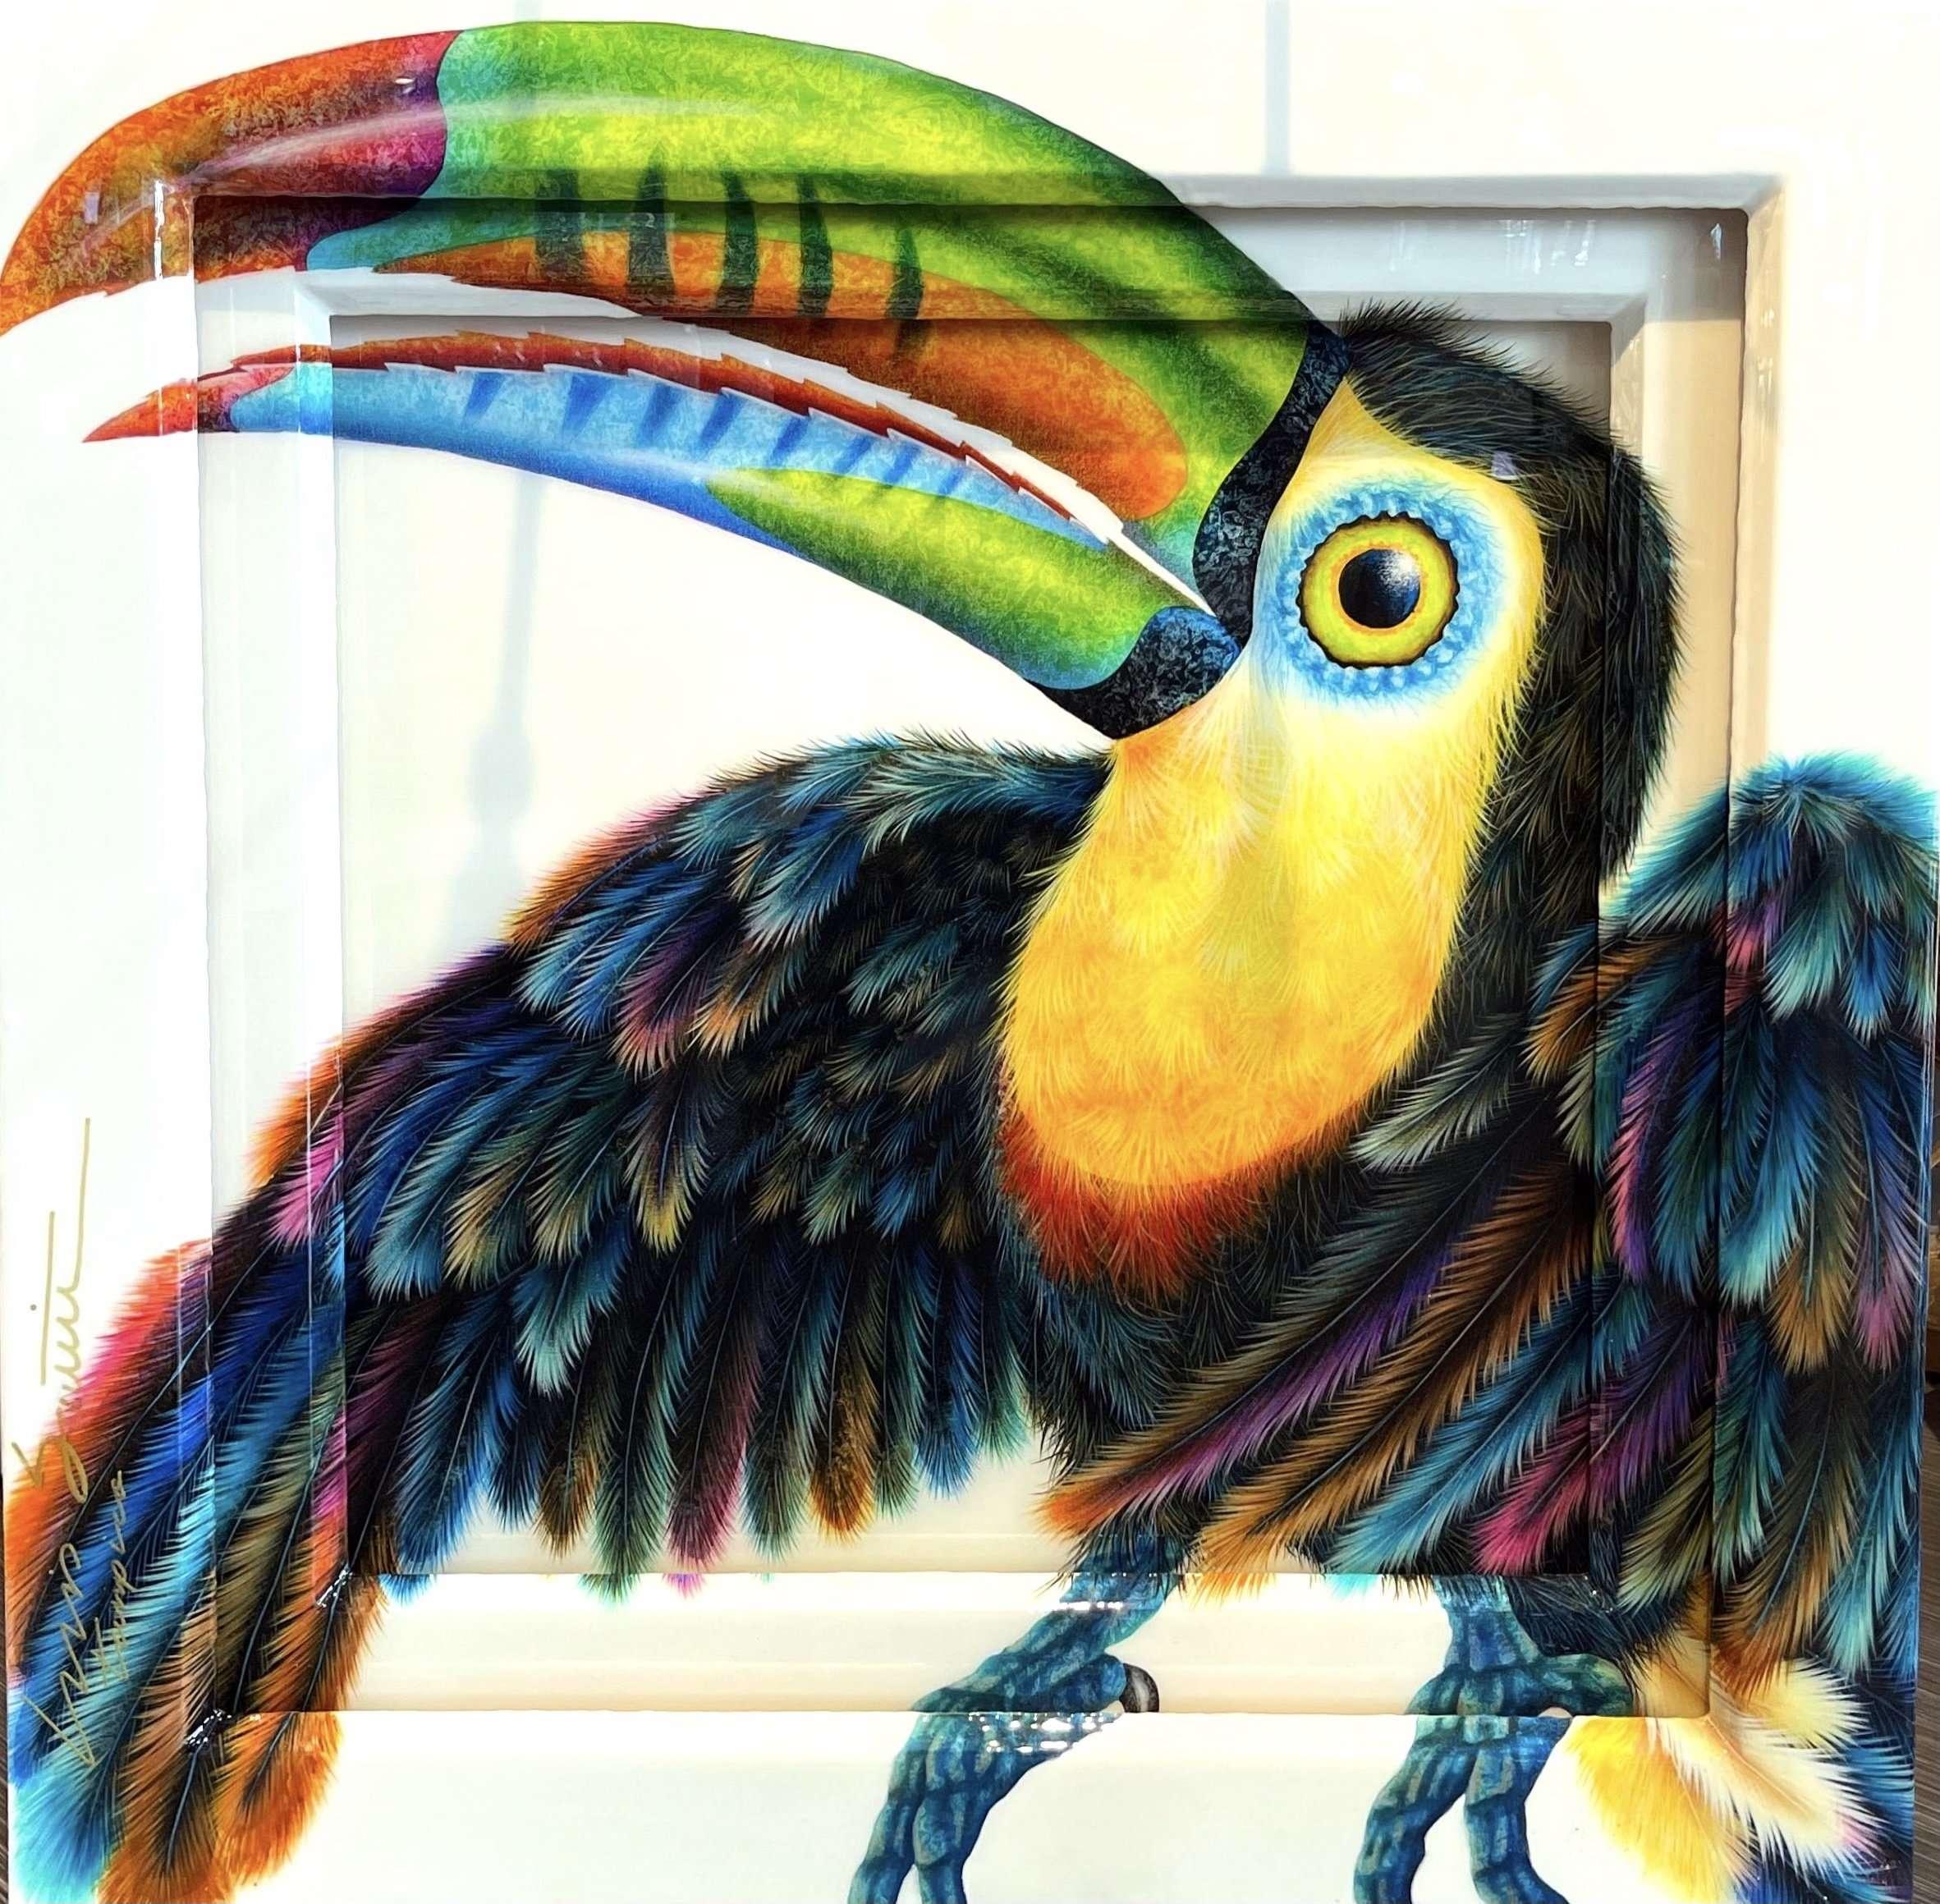 Toucan by Luis Sottil